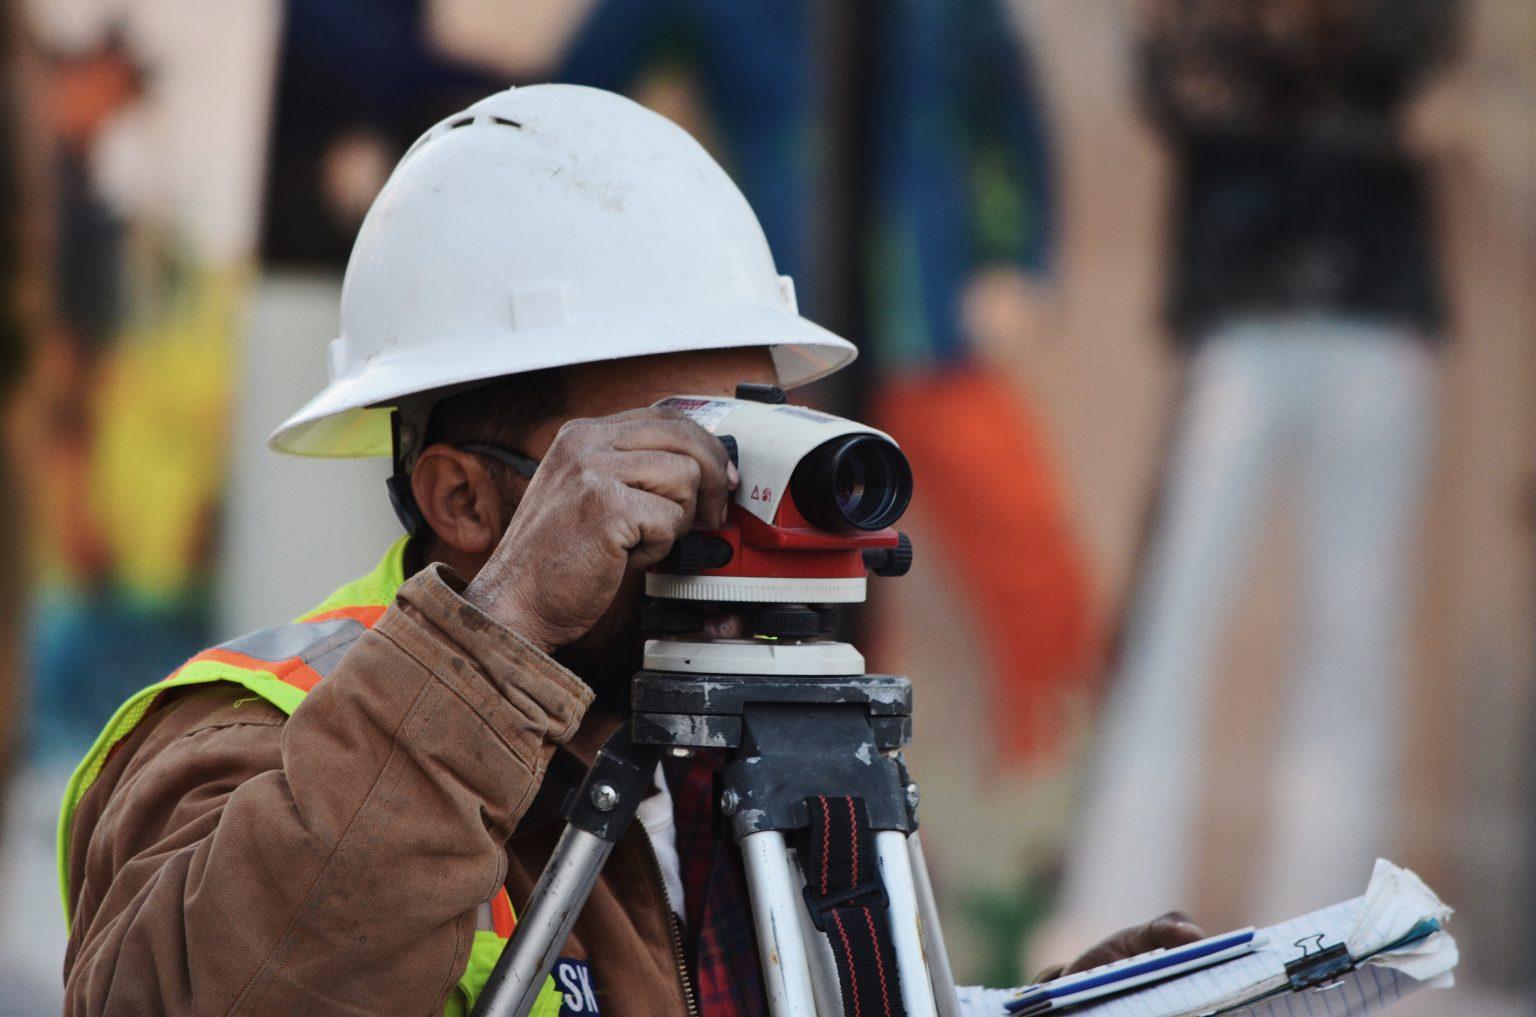 BIM-Construction Worker